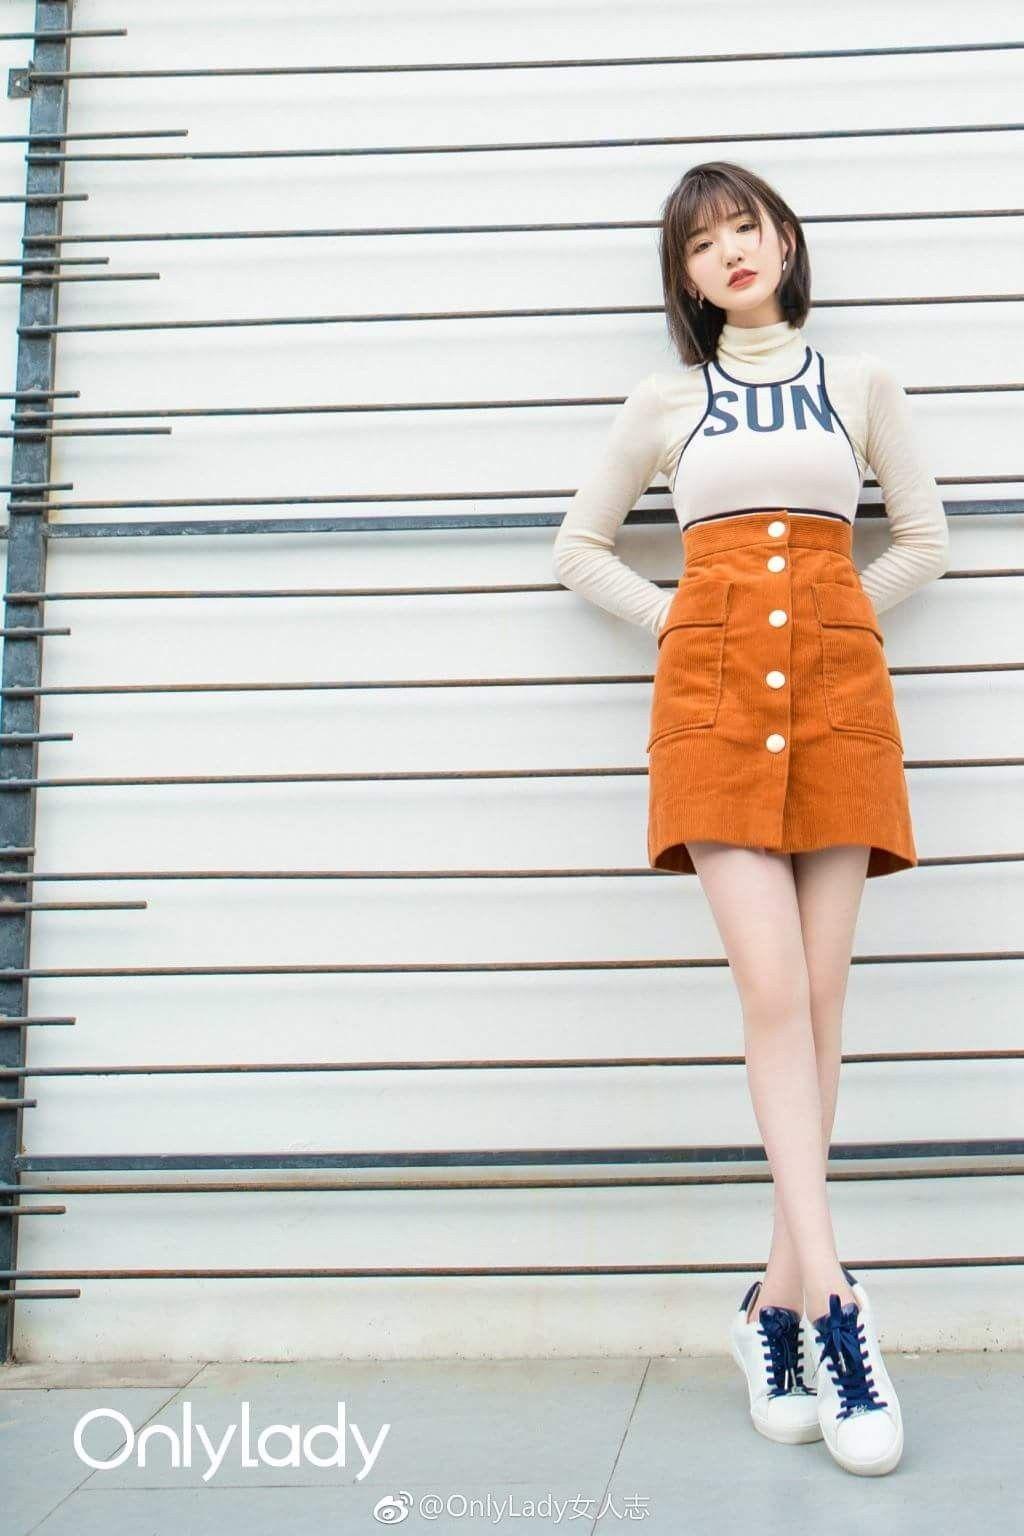 Noriko Kijima Nude Photos 75